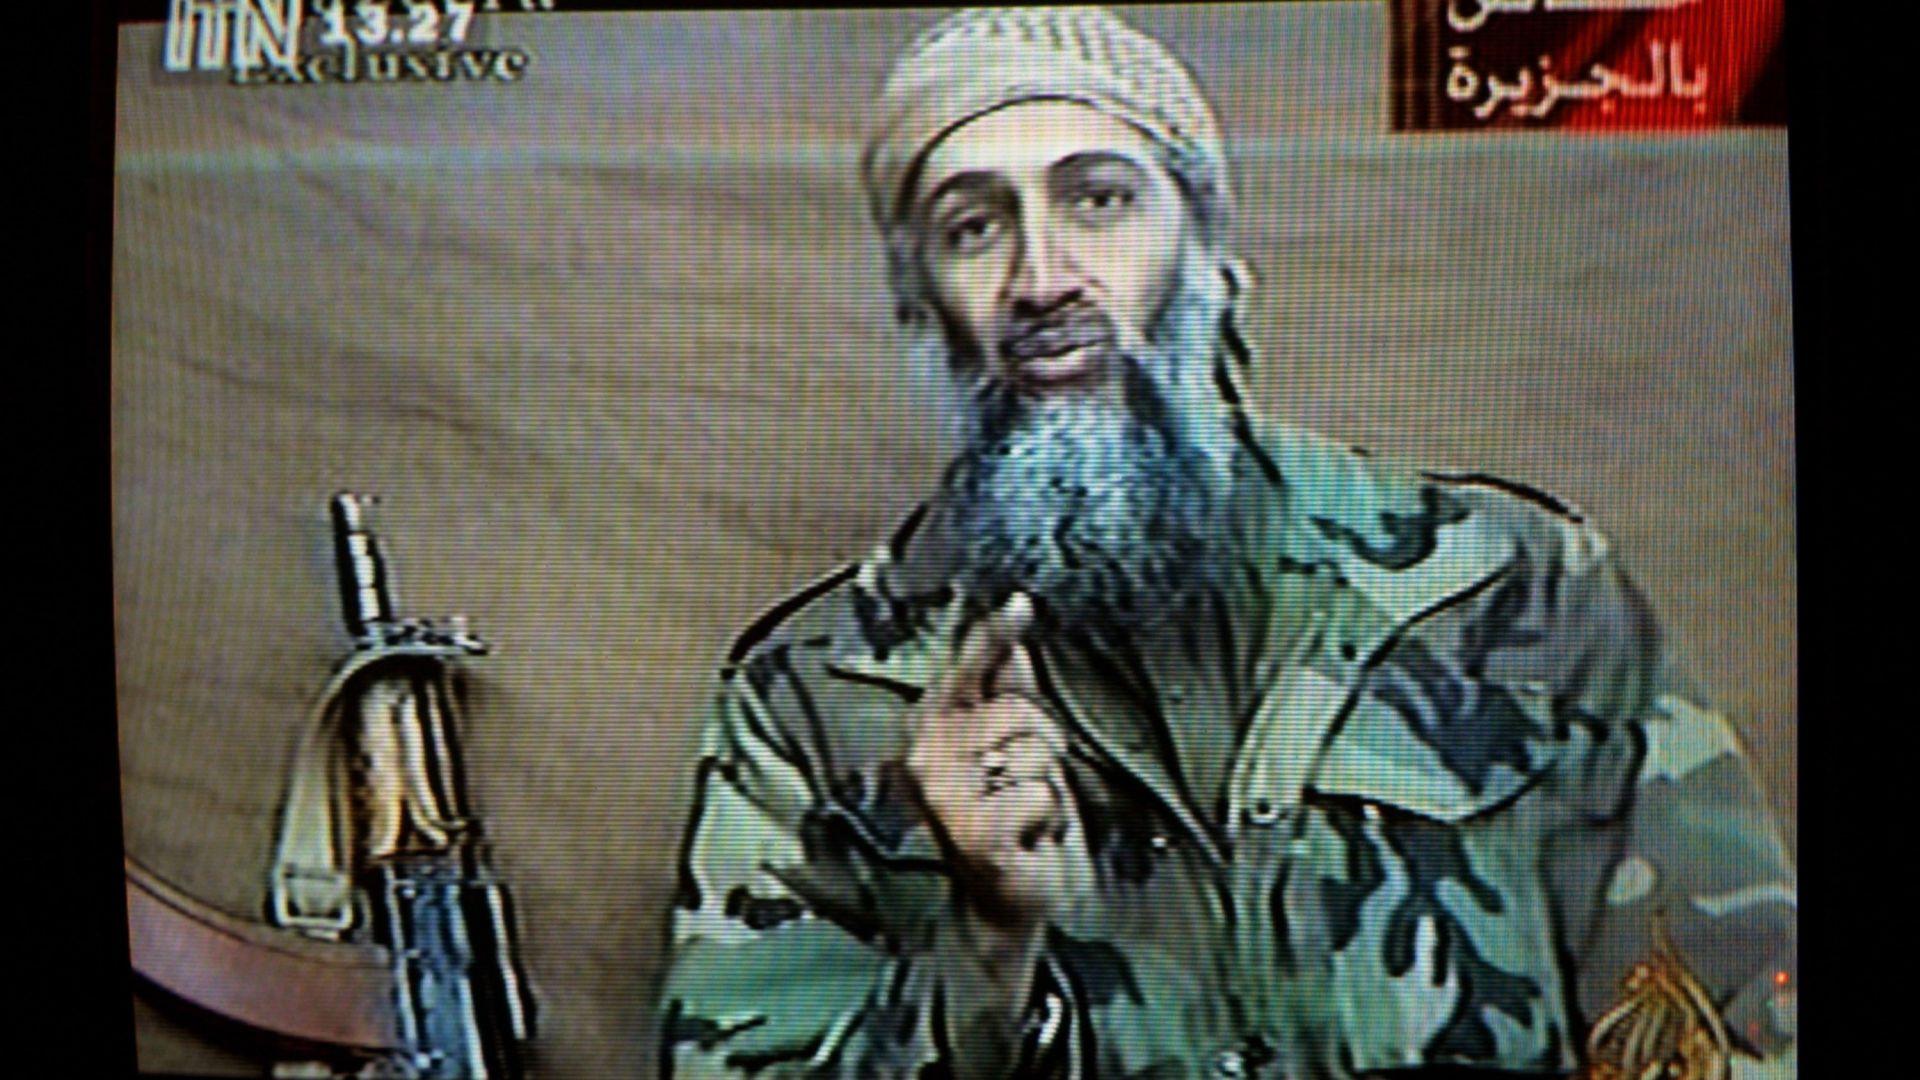 Осама бин Ладен - преди 10 г. трупът му потъна в Арабско море, но тероризмът не умря (видео)